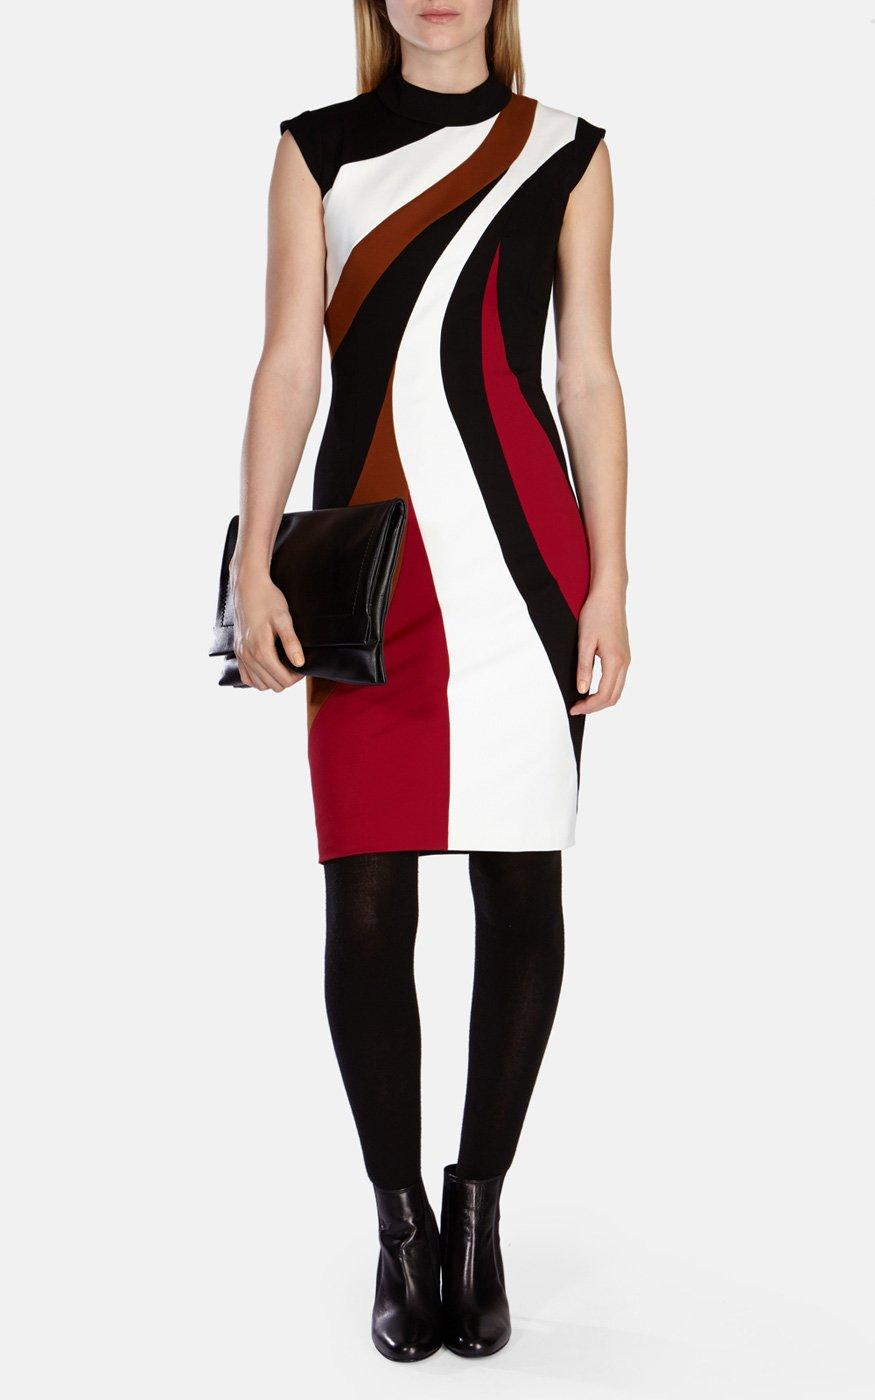 fdaa903ee3 Karen Millen Colour-blocked Pencil Dress in Black - Lyst